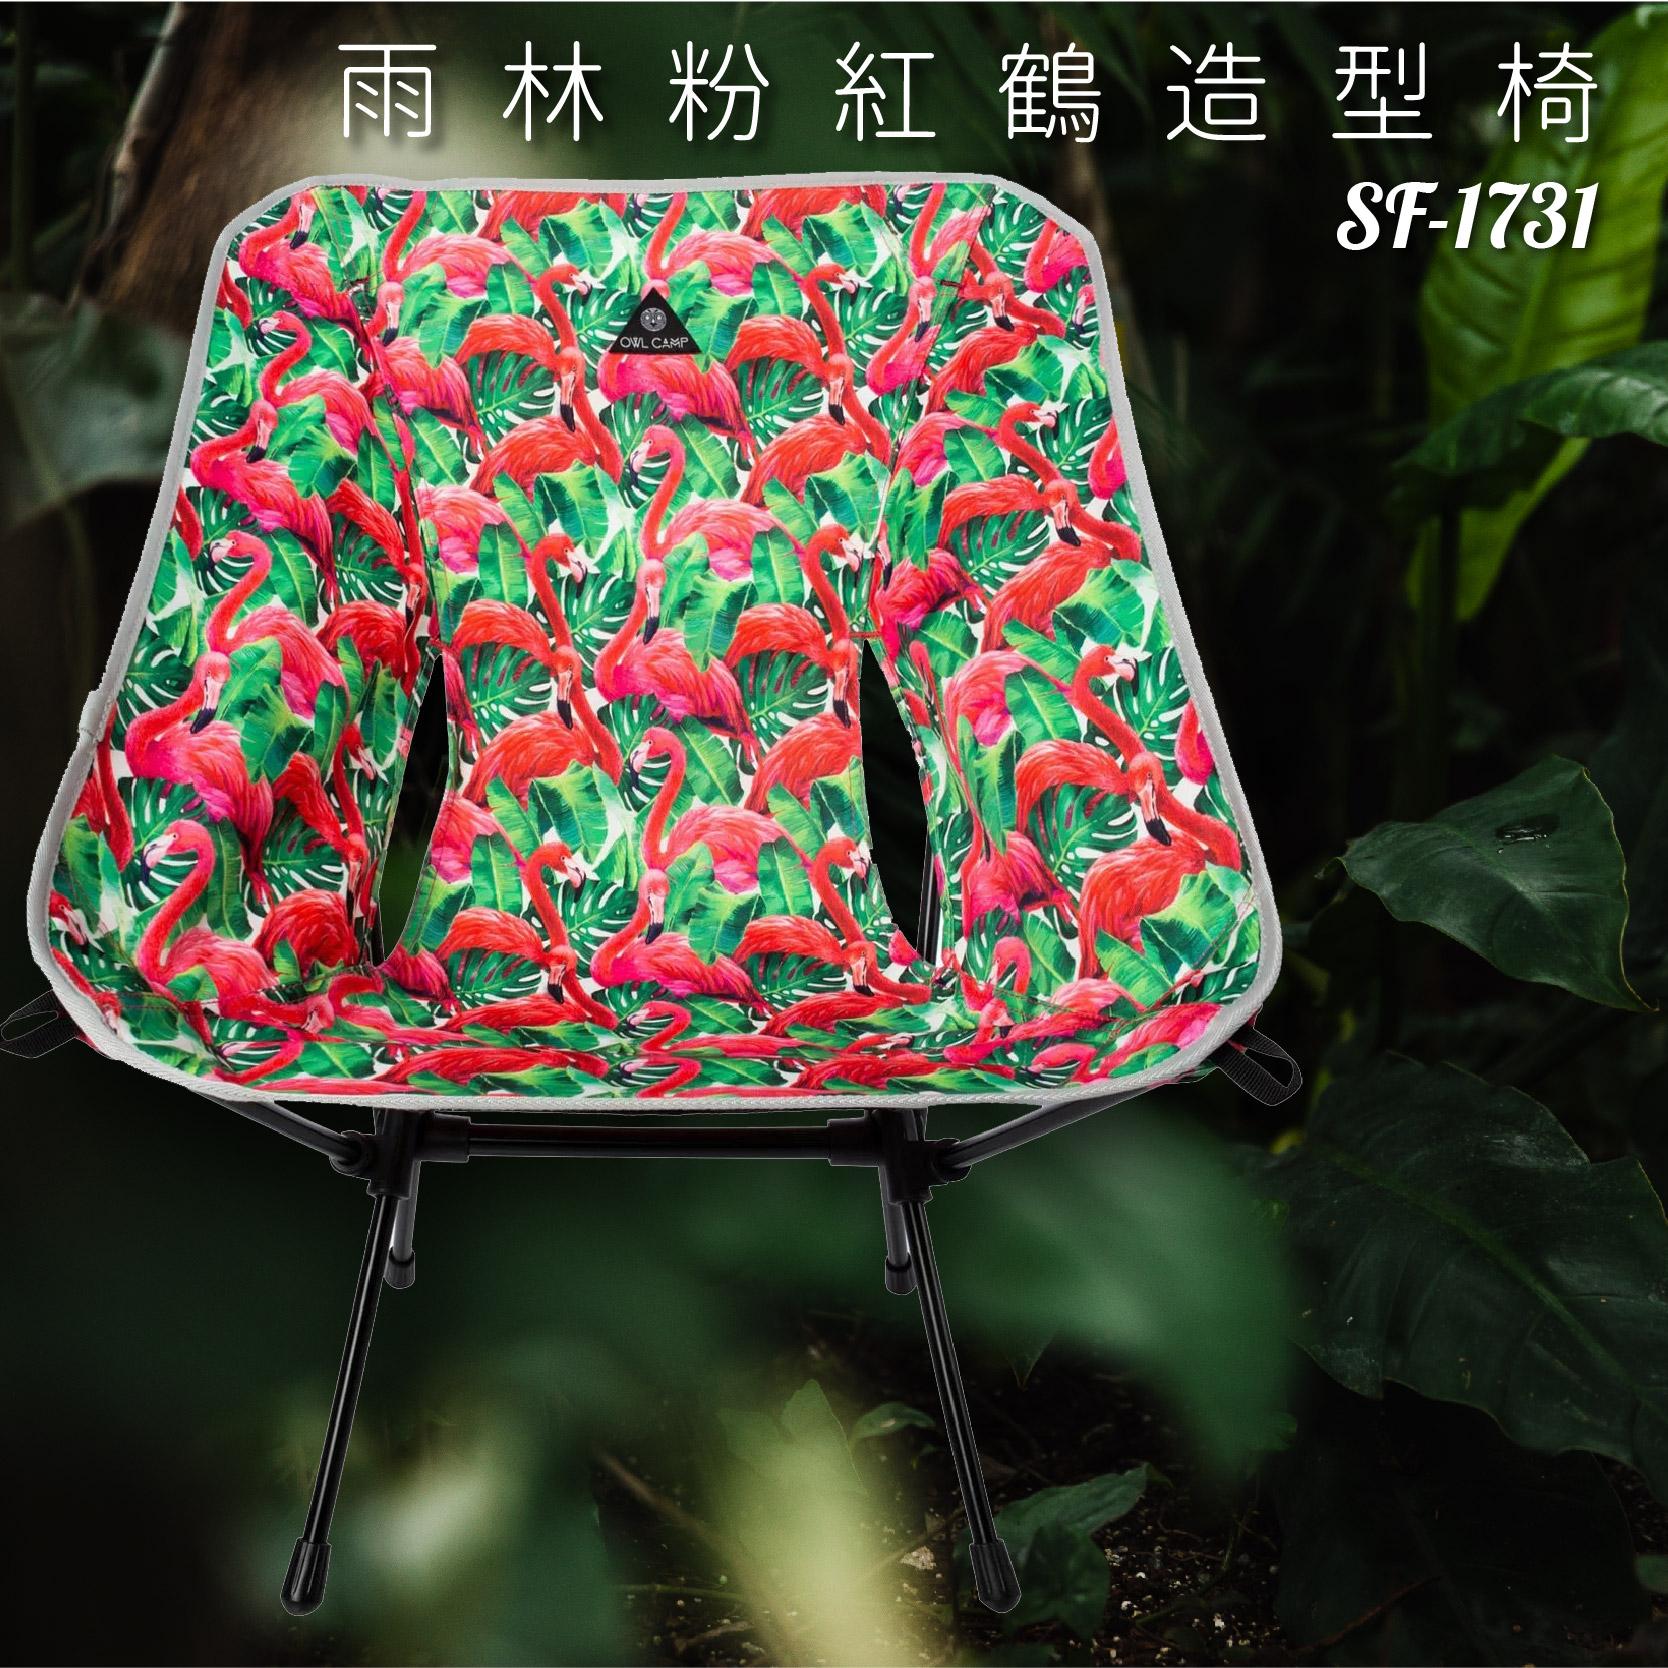 好想去旅行!印花椅 SF-1731 雨林紅鶴 露營椅 摺疊椅 收納椅 沙灘椅 輕巧 時尚 旅行 假期 鋁合金 機能布